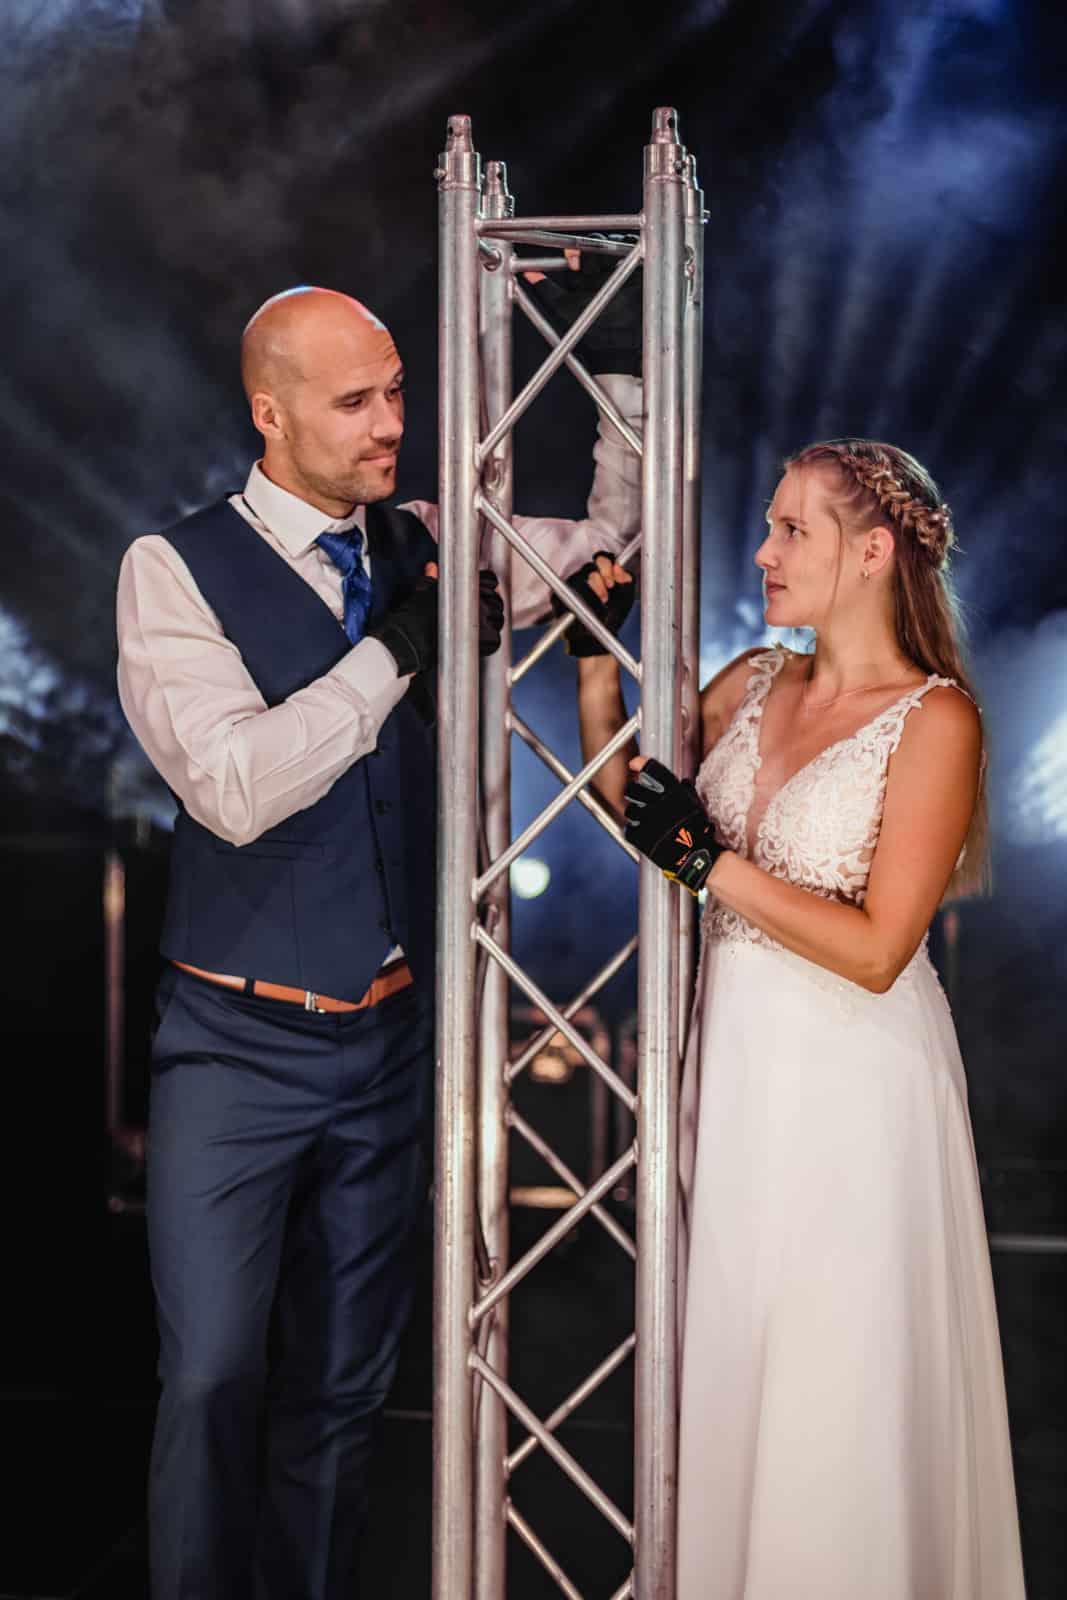 Brautpaar steht an einer Traverse mit Arbeitshandschuhen und schauen sich an.